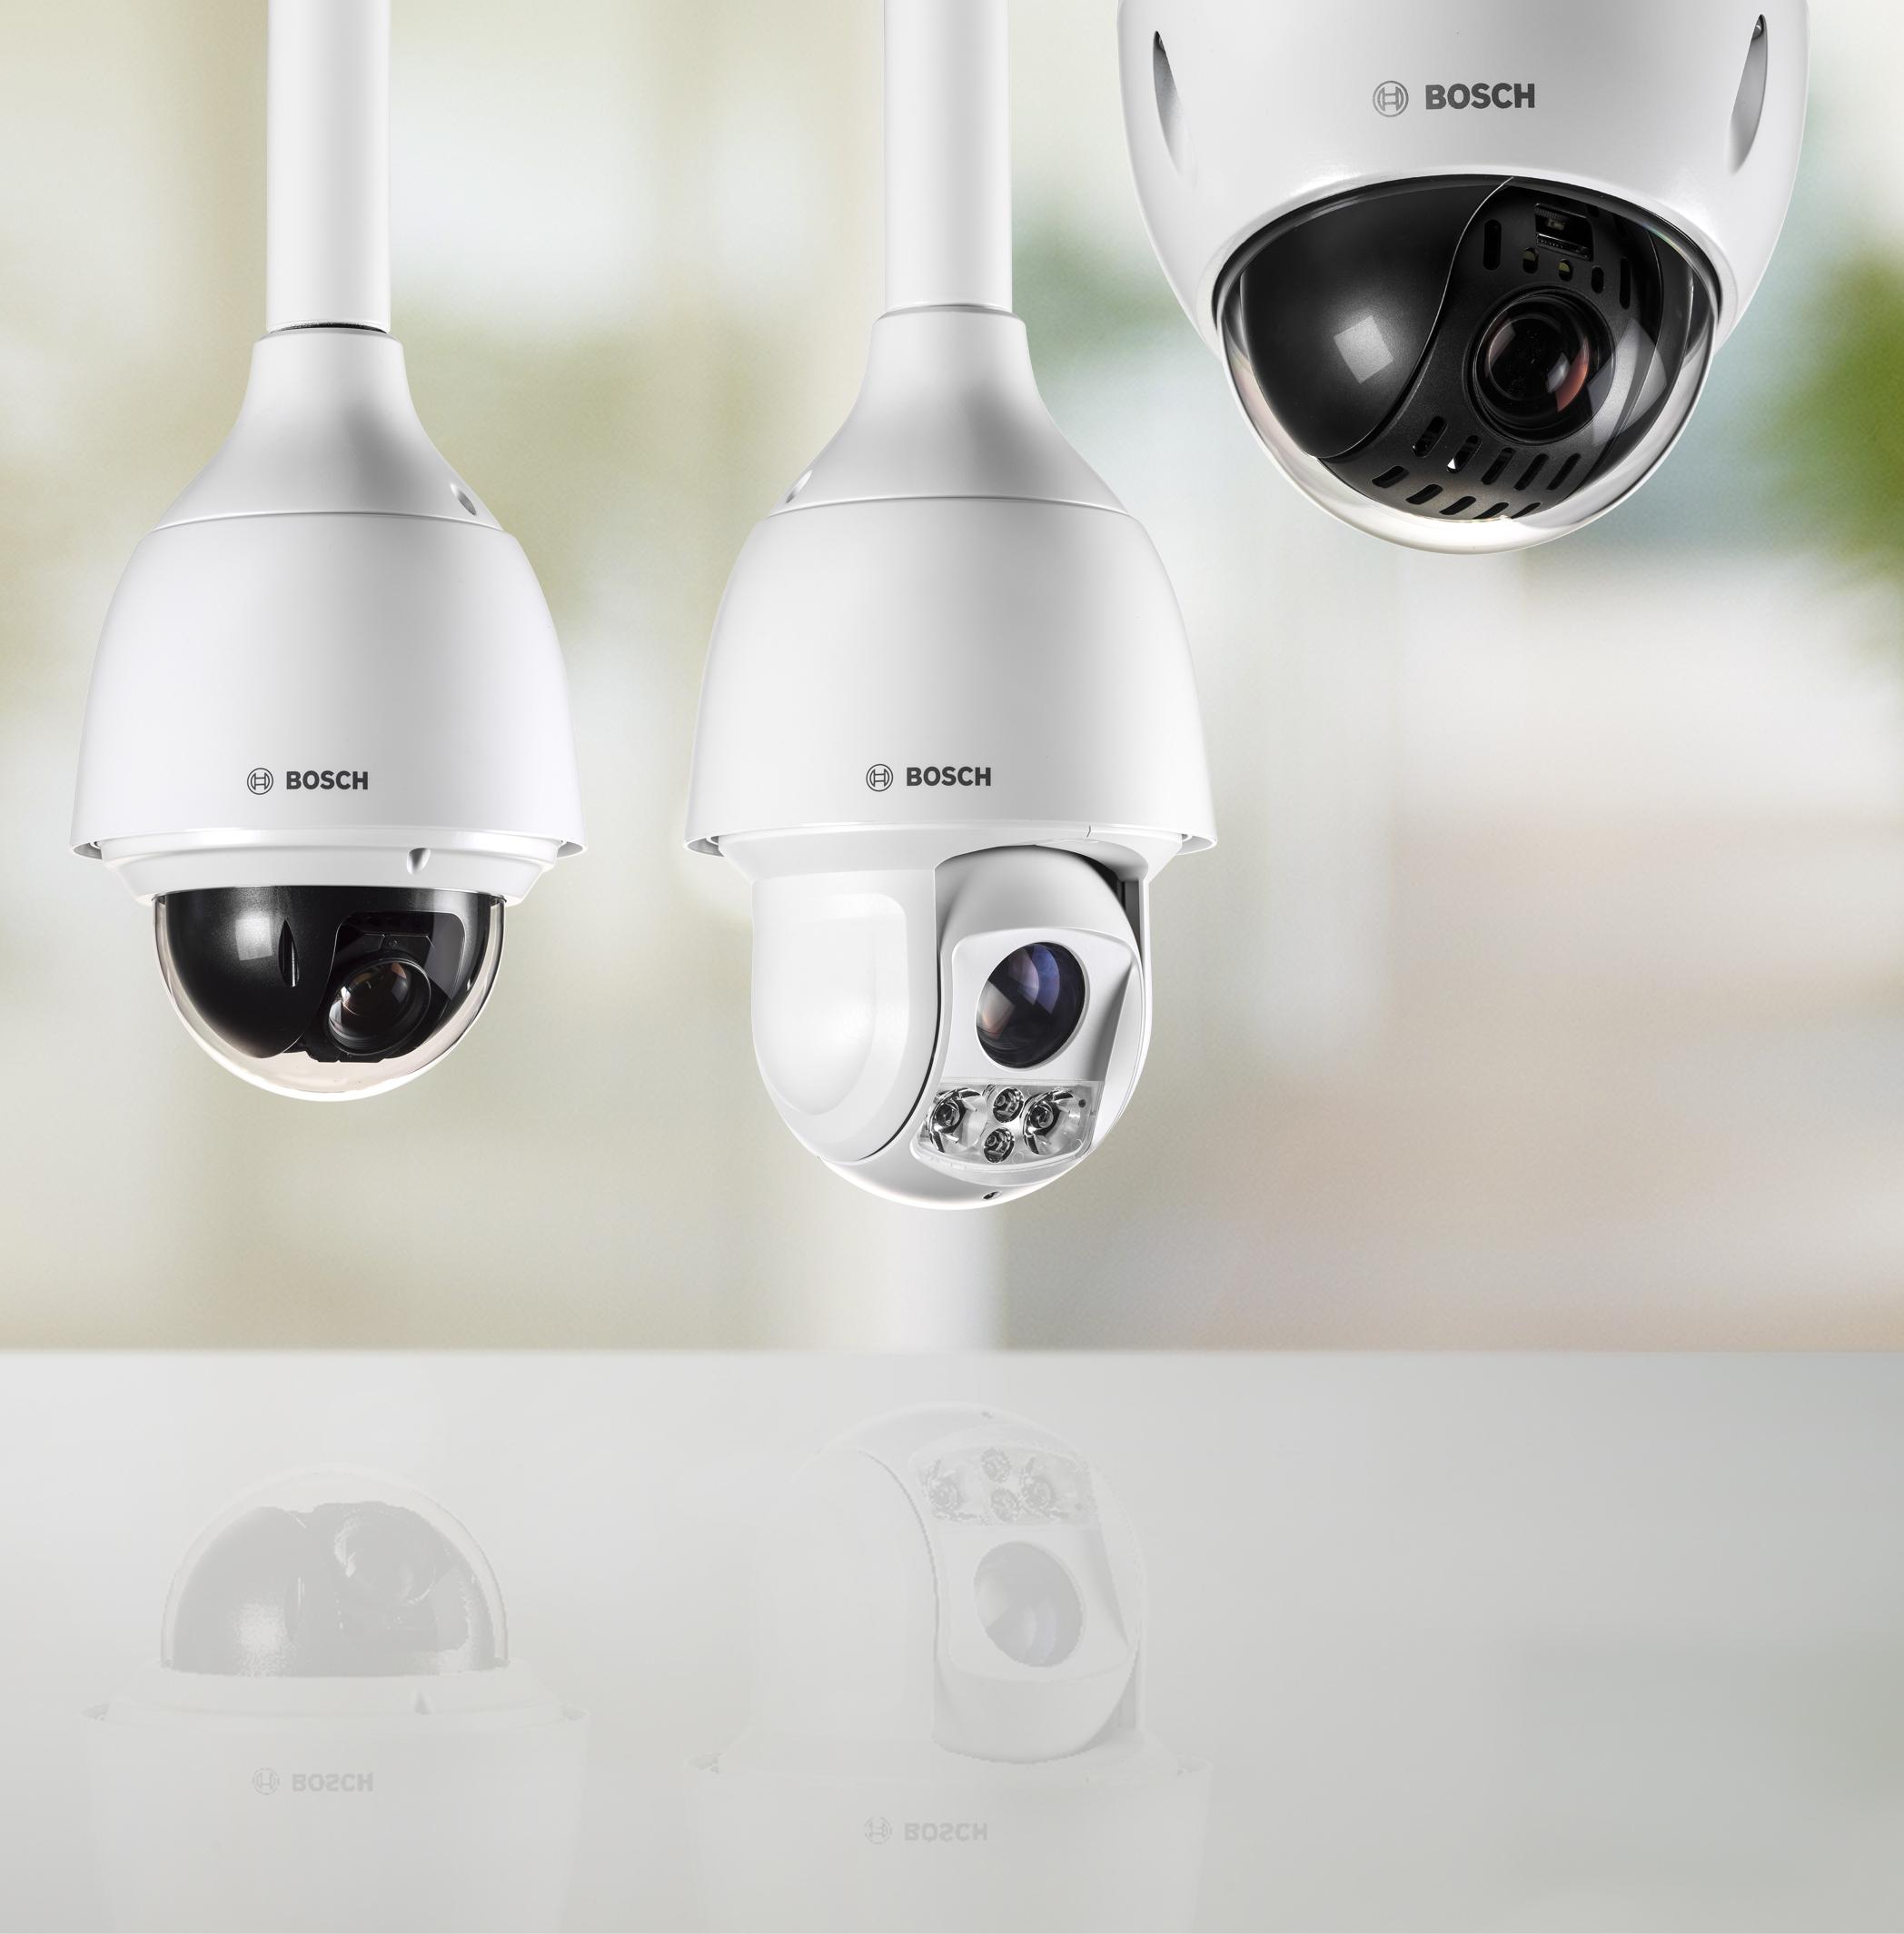 Bosch extends surveillance camera application beyond security